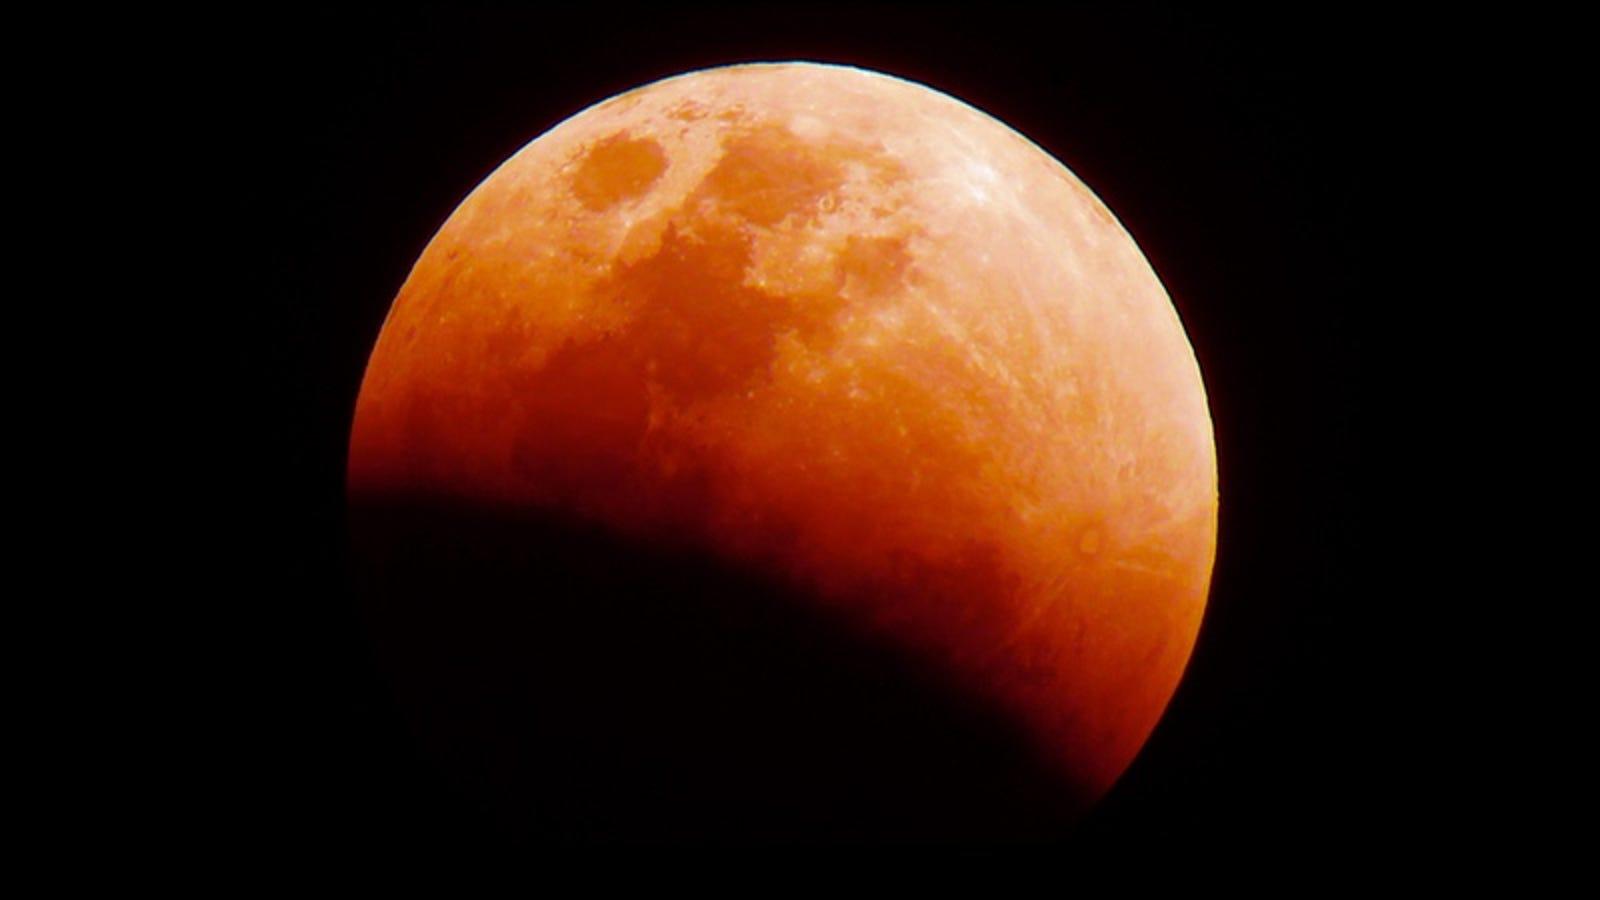 A qué hora podrá verse el eclipse lunar total de este viernes